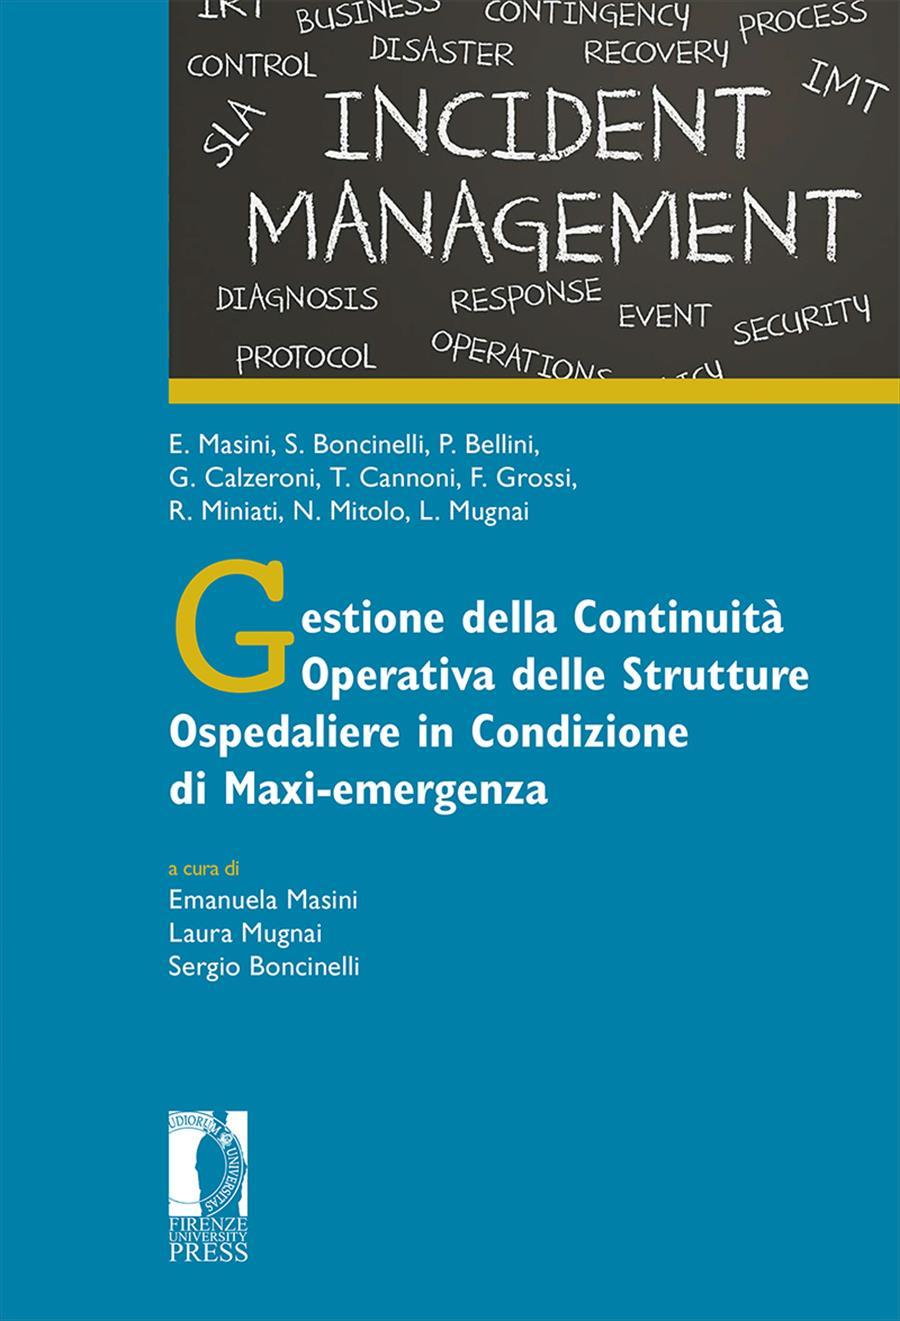 Gestione della Continuità Operativa delle Strutture Ospedaliere in Condizione di Maxi-emergenza